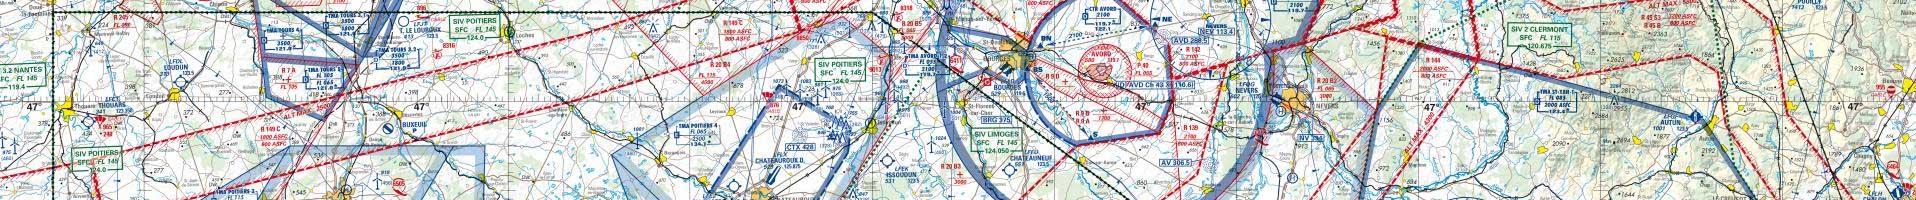 Carte aéronautique OACI / IGN 2e niveau d'agrandissement